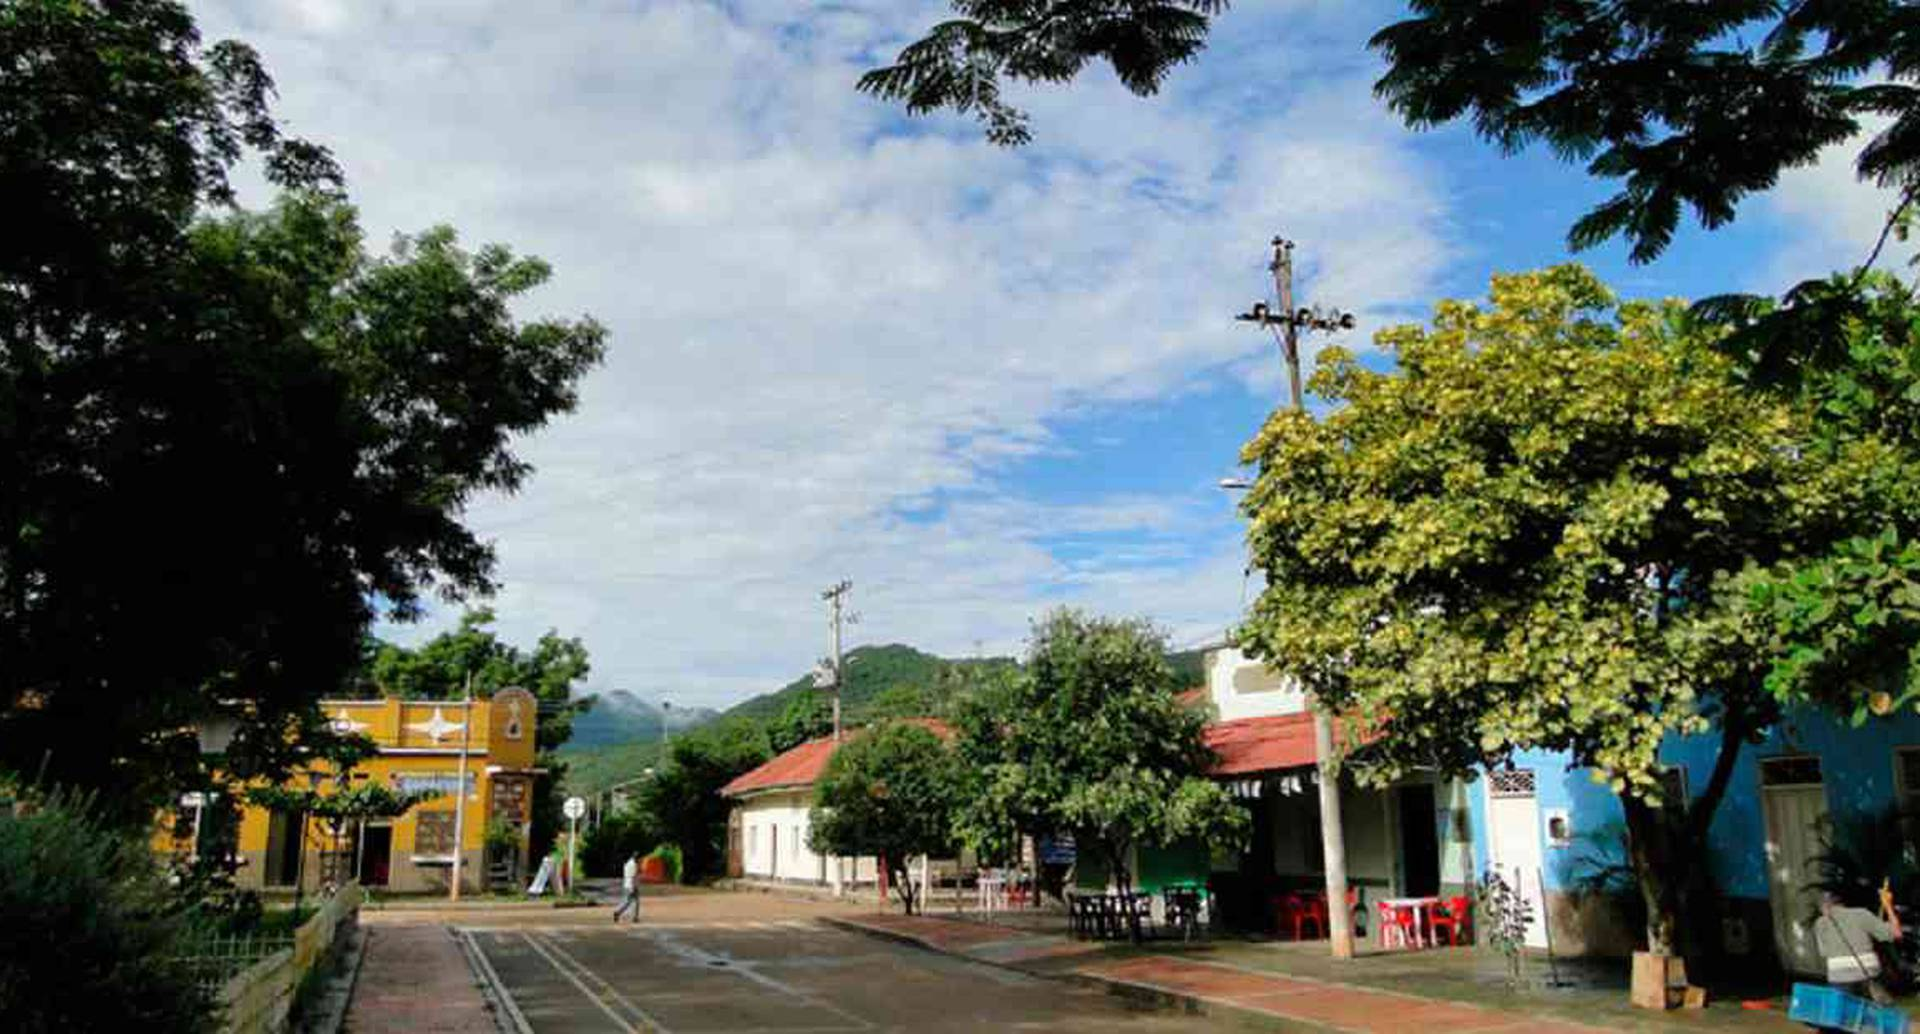 Jerusalén- Cundinamarca está ubicado a 113 kilómetros de Bogotá, a orillas del río Magdalena. Foto: Viajarenverano.com